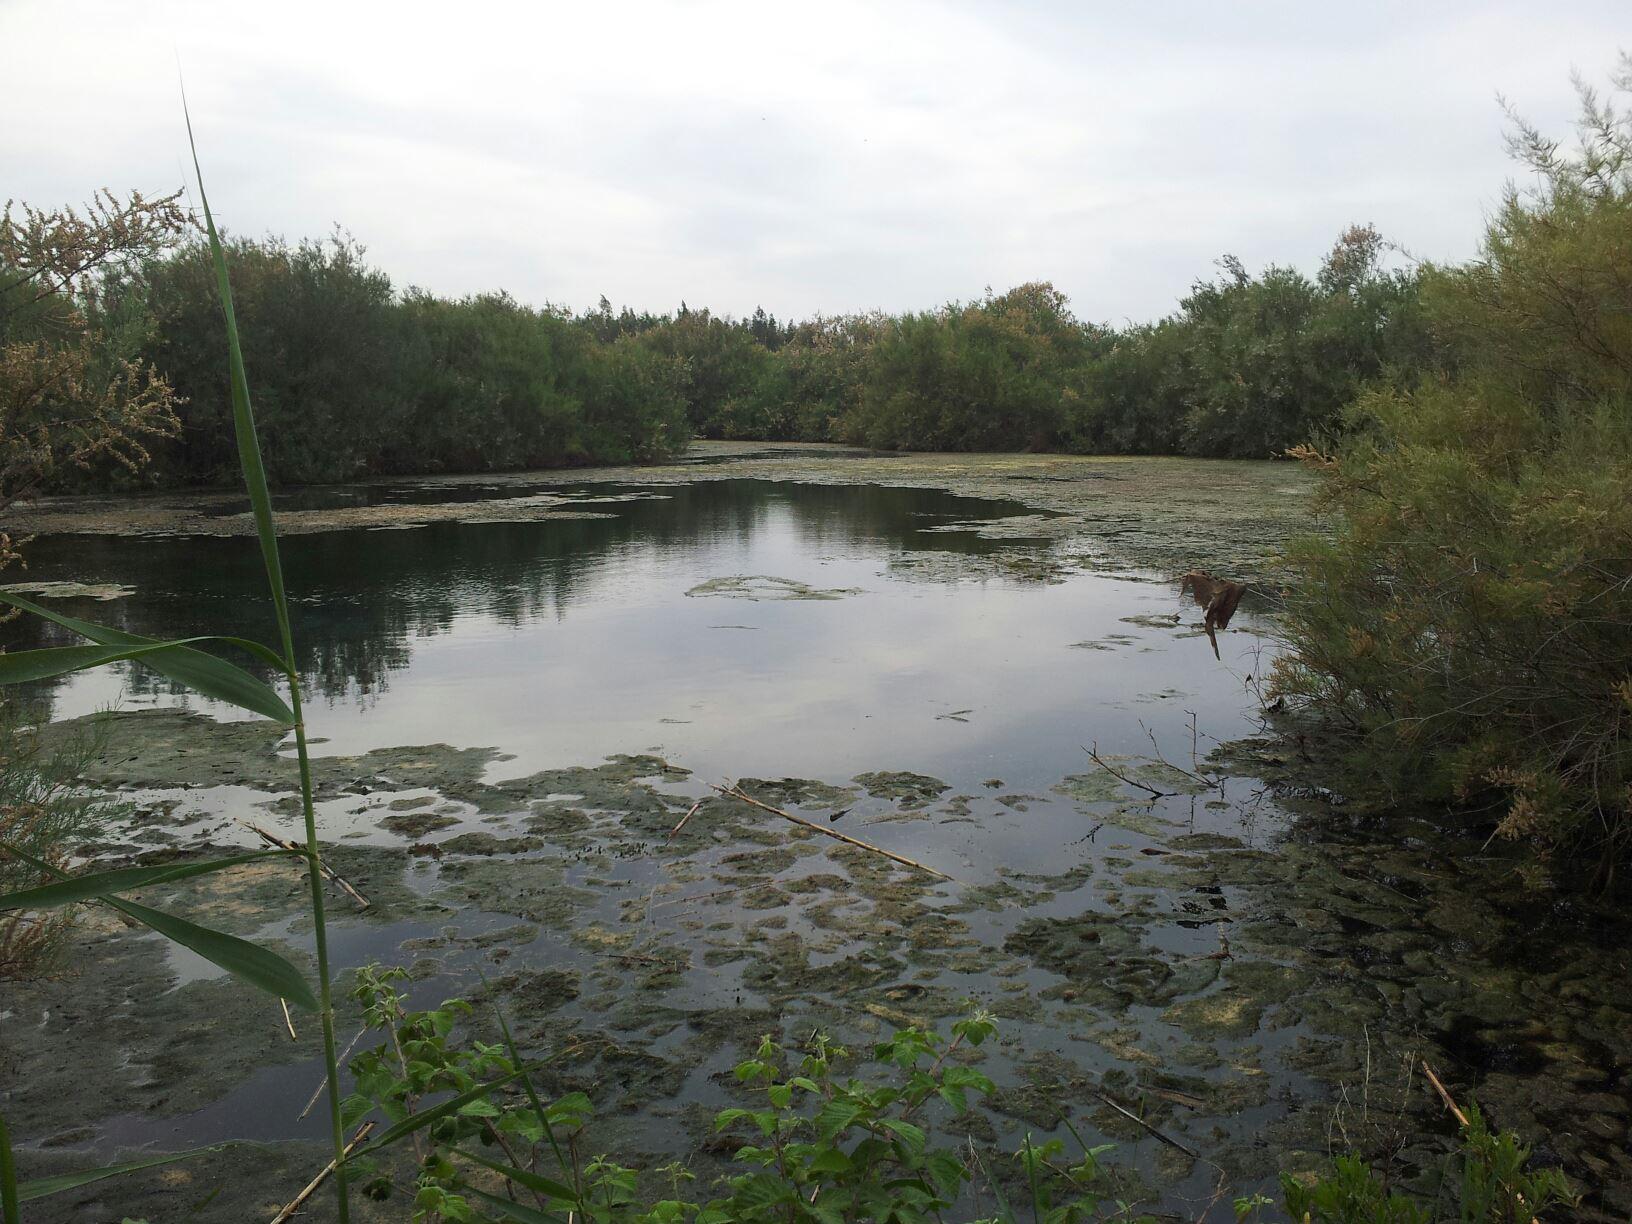 Swamp view SmadarHalperinEpshtein